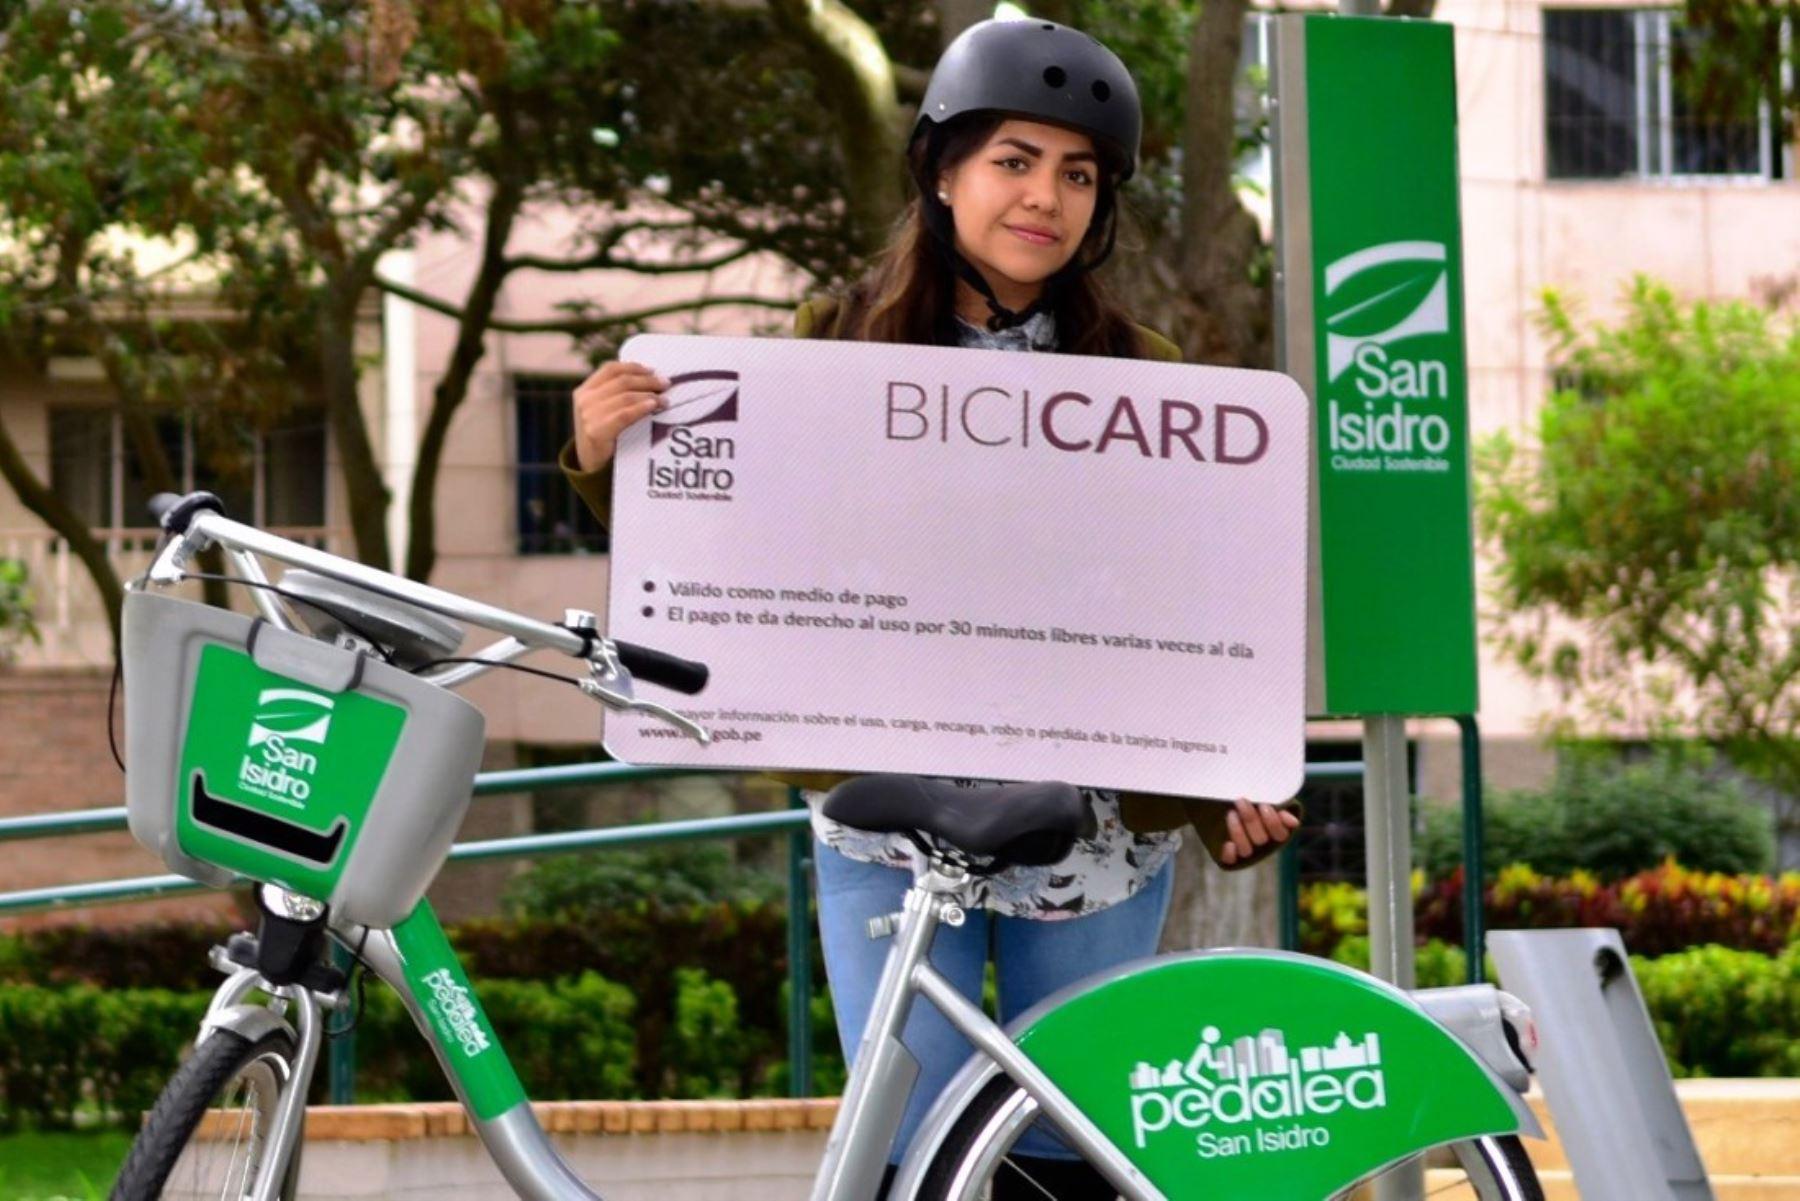 San Isidro lanzará en octubre un sistema público de bicicletas. Foto: ANDINA/Difusión.